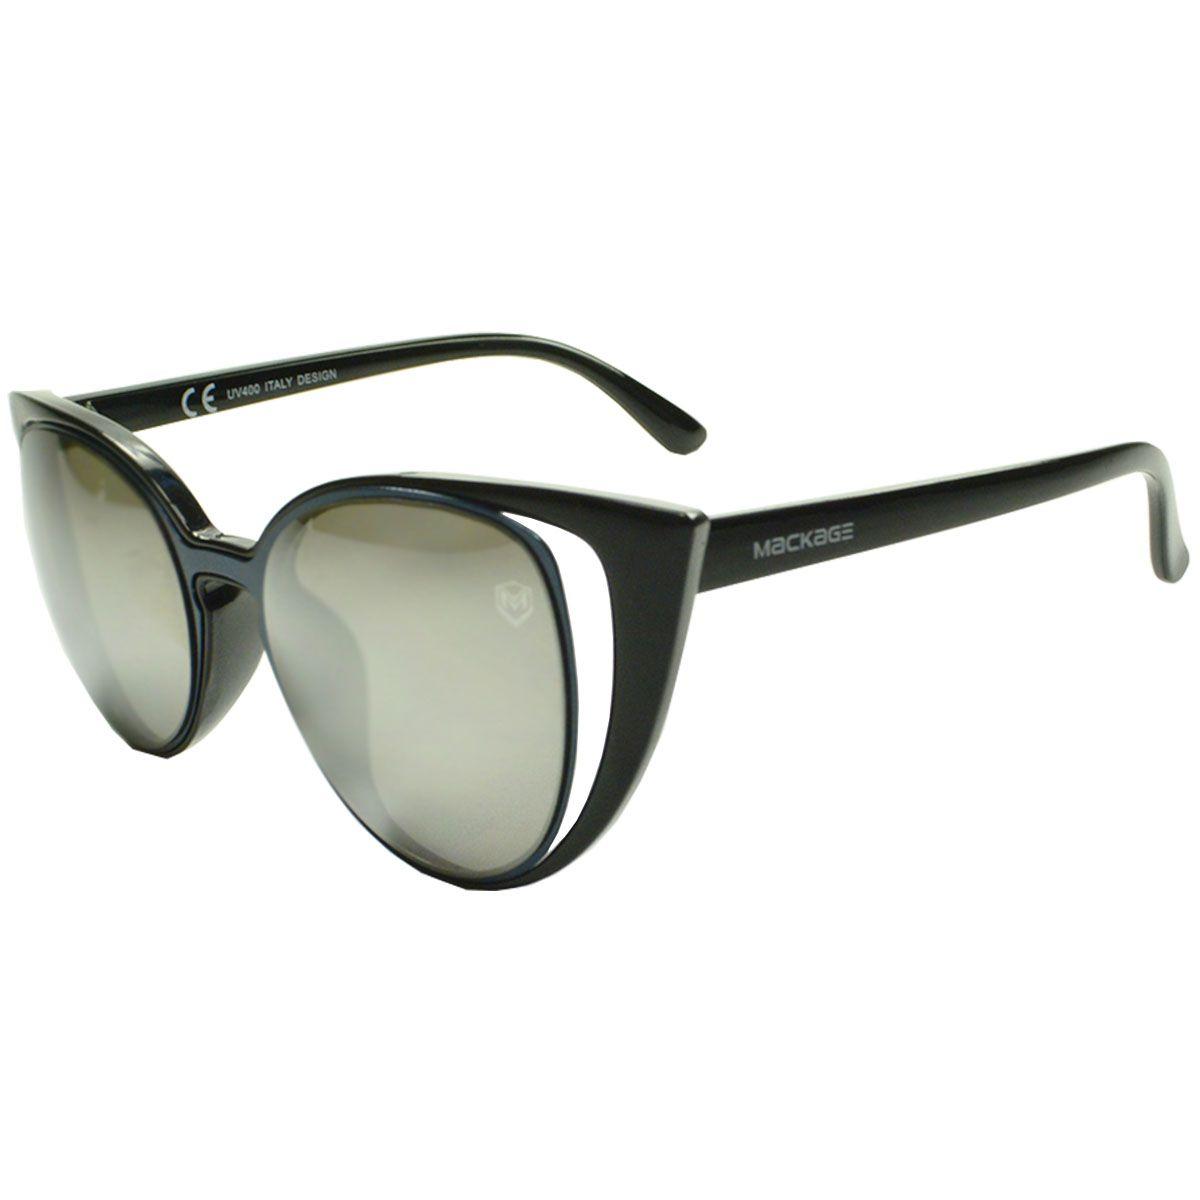 b7fb39200d35a Óculos de Sol Feminino Mackage MK540